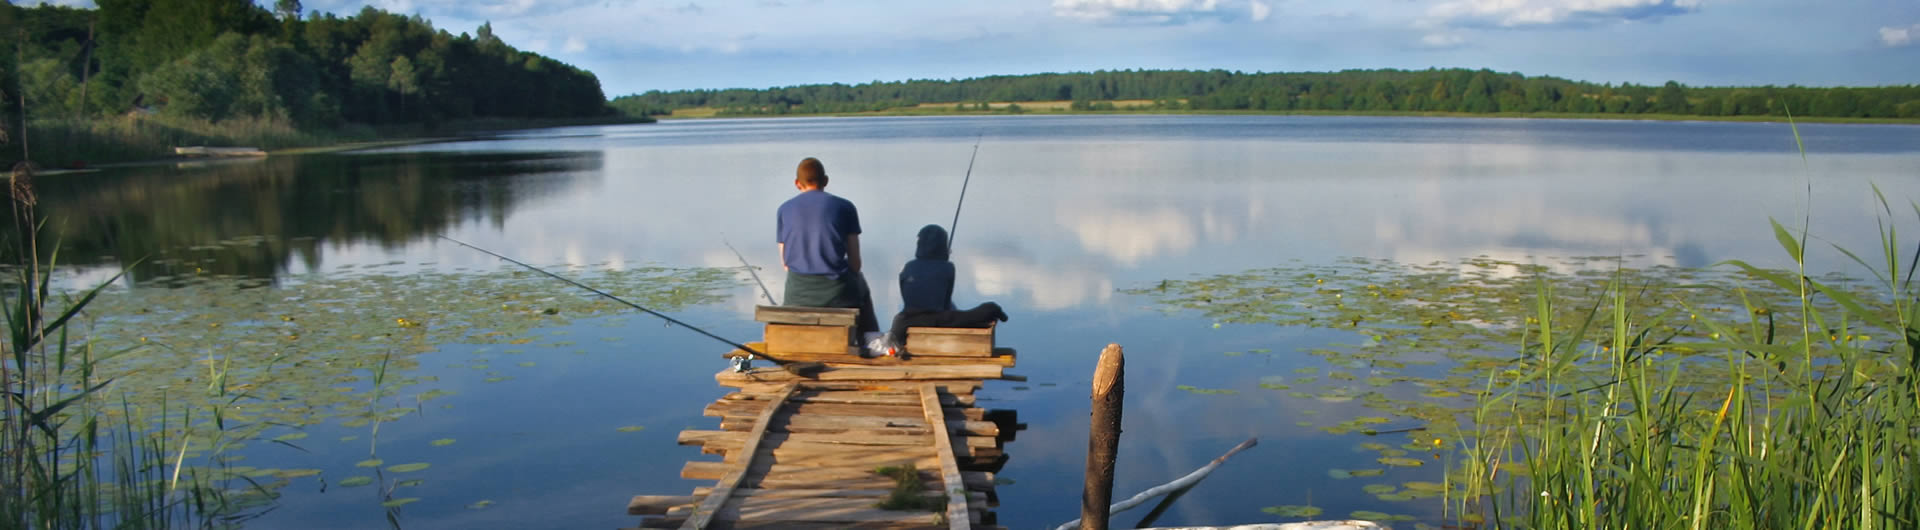 Angeln am See in Smaland (Schweden)